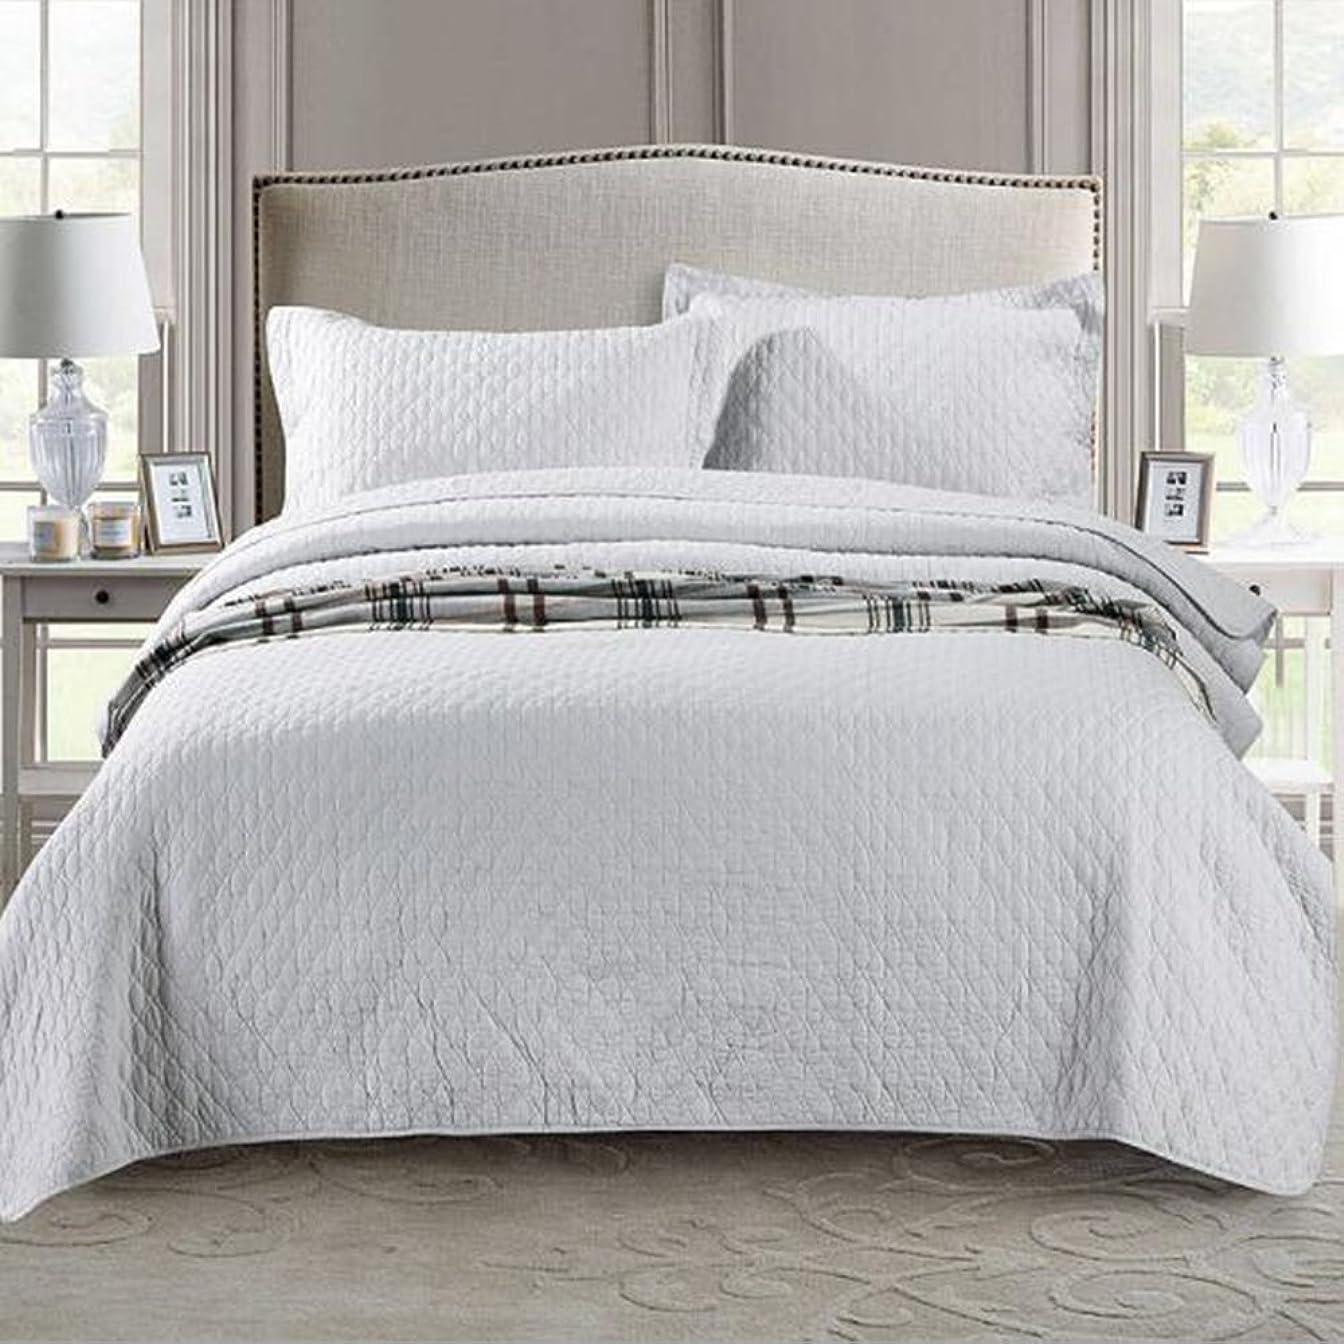 誘うぬれた麦芽北欧ベッドカバー ソファーカバー ベッドスプレッド マルチ カバー キルト おしゃれ ダブル 綿100% 枕カバー 寝具カバーセット 3点セット 四節適用 優しい肌触り-yt-x020 (L)